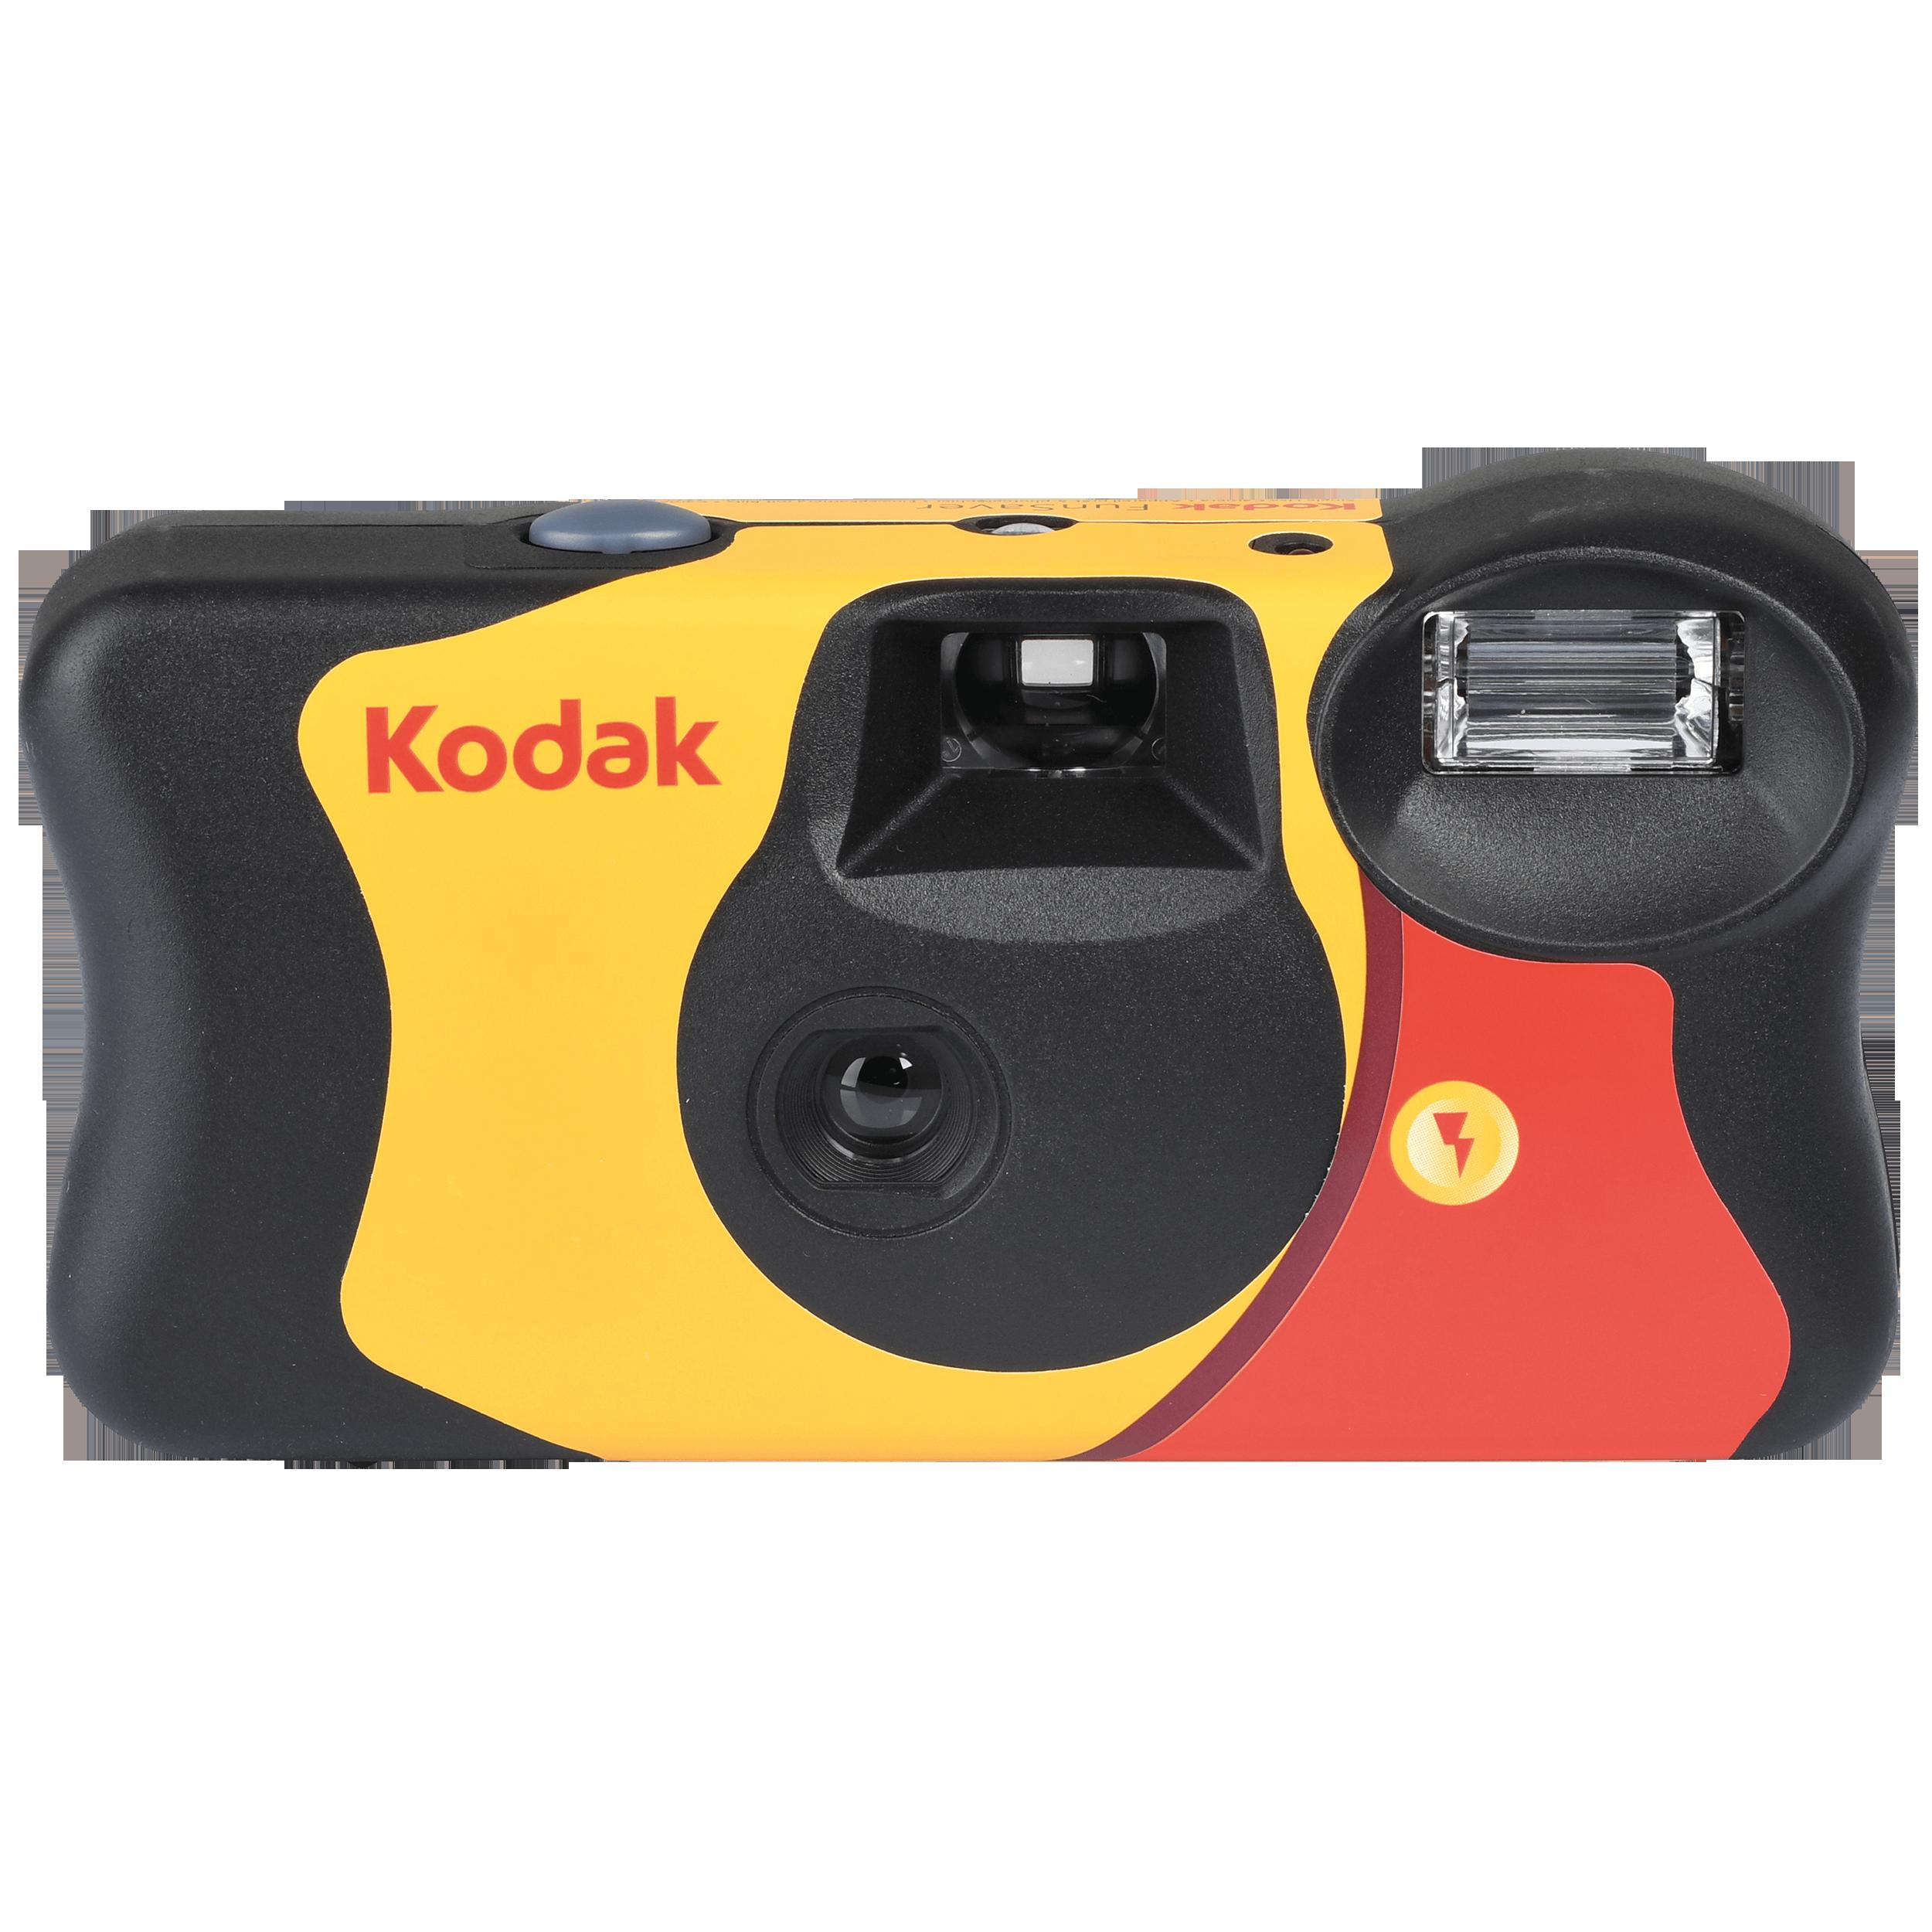 KODAK FunSaver jednorázový fotoaparát s bleskem 400/27+12